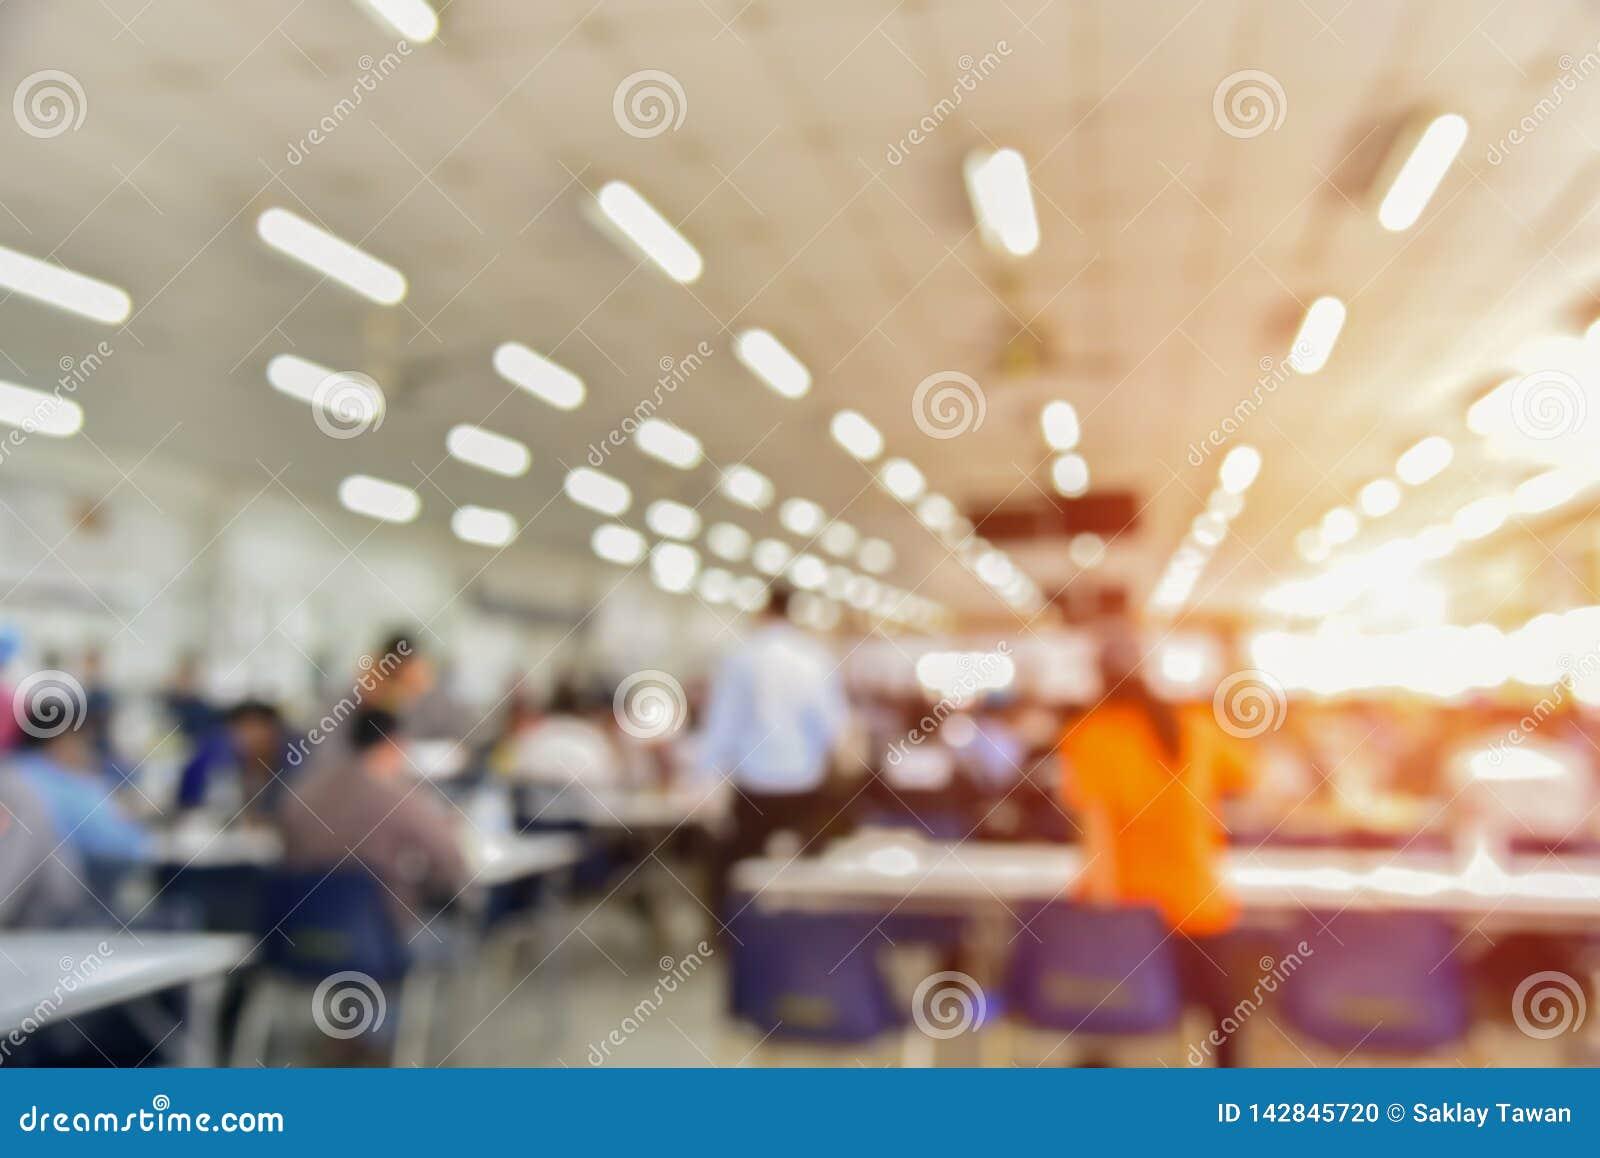 Foto borrosa abstracta de la sala de conferencias o de la sala de seminarios